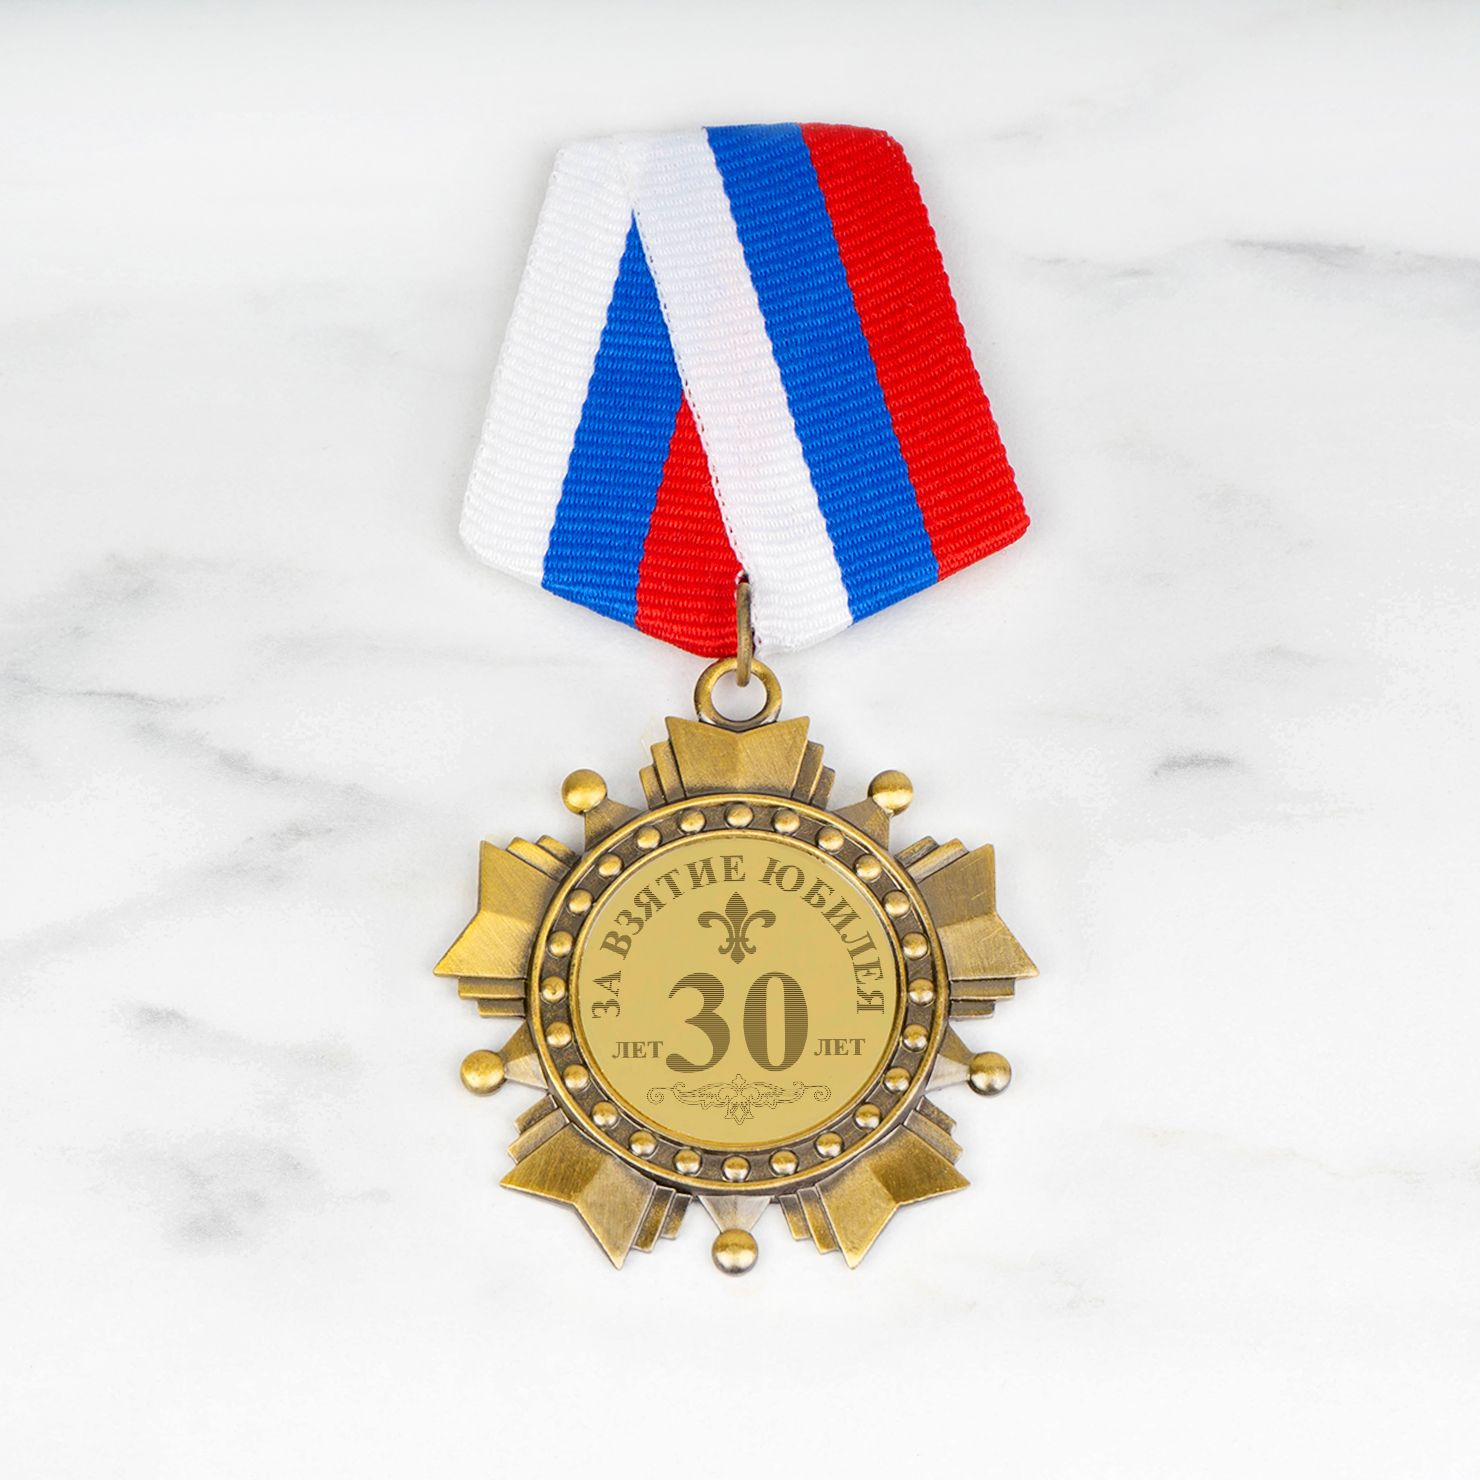 Орден *За взятие юбилея 30 лет*